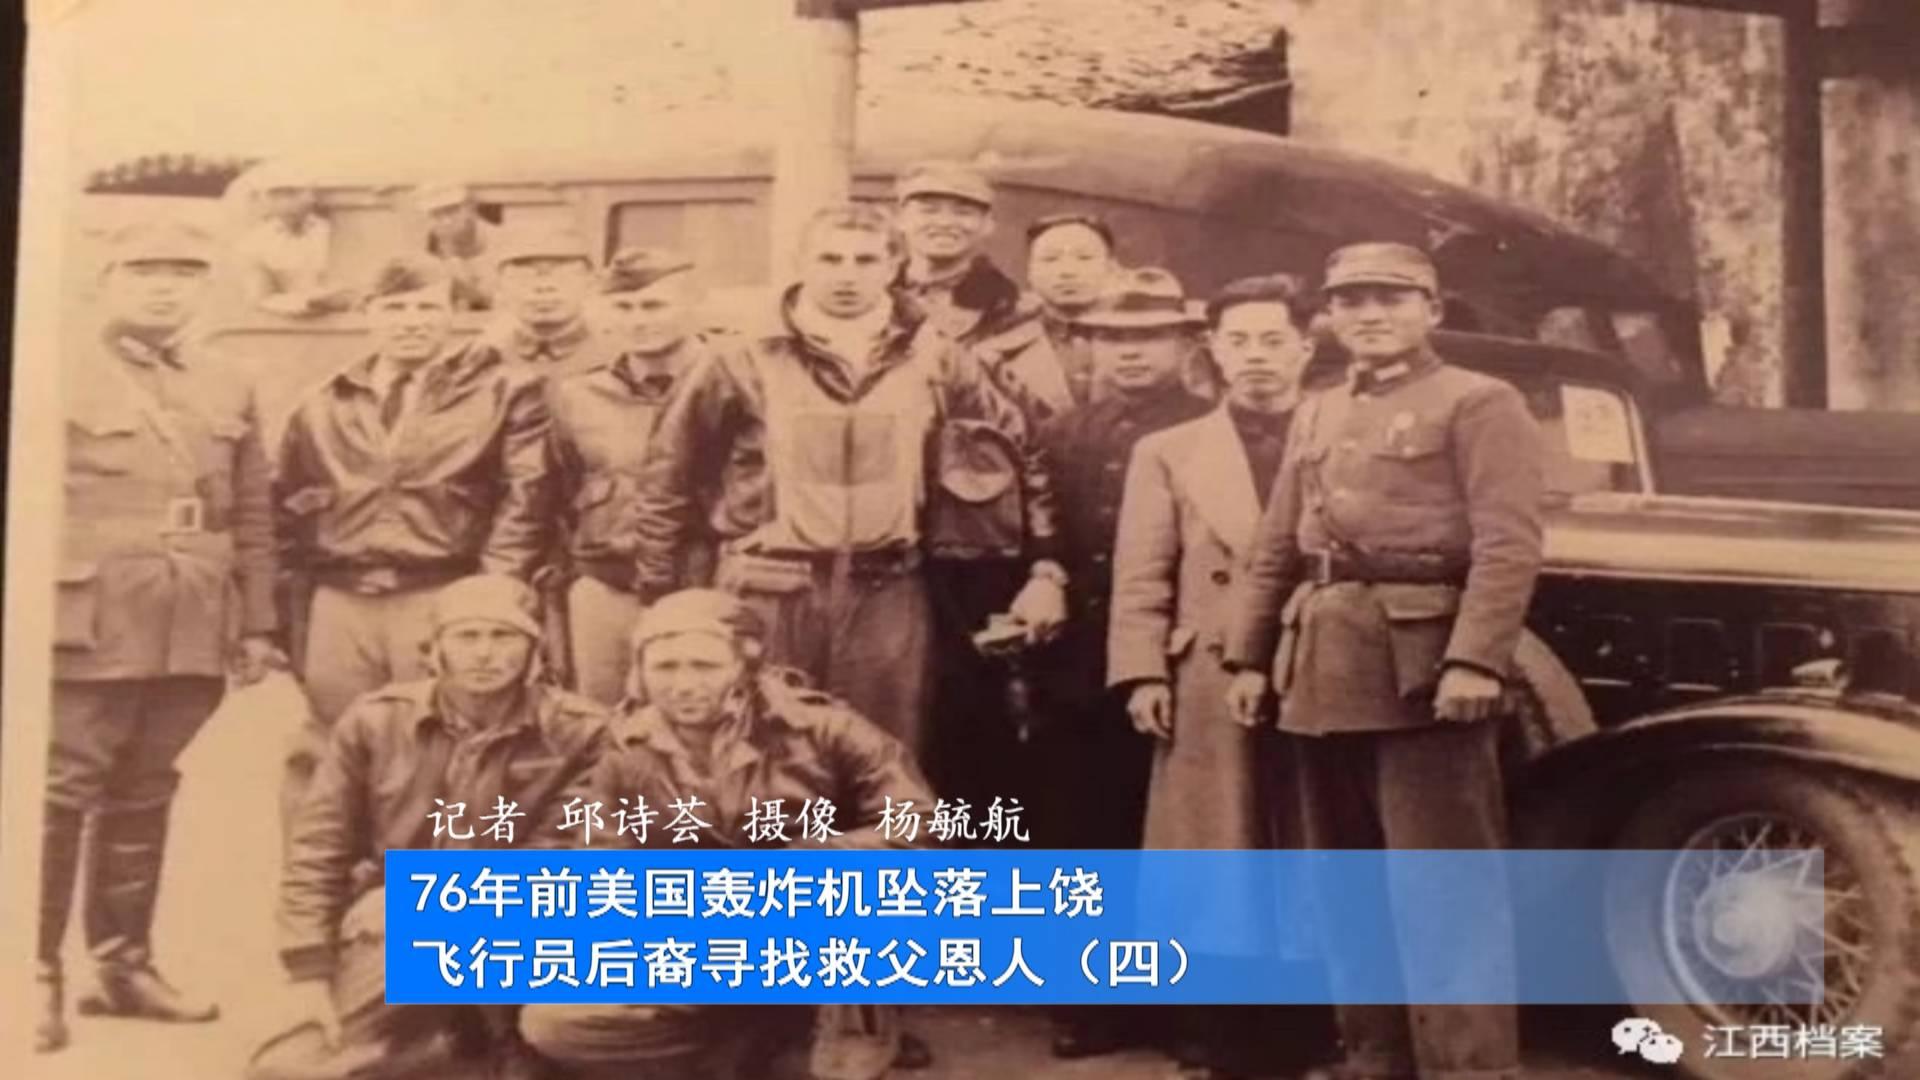 76年前美国轰炸机坠落上饶 飞行员后裔寻找救父恩人